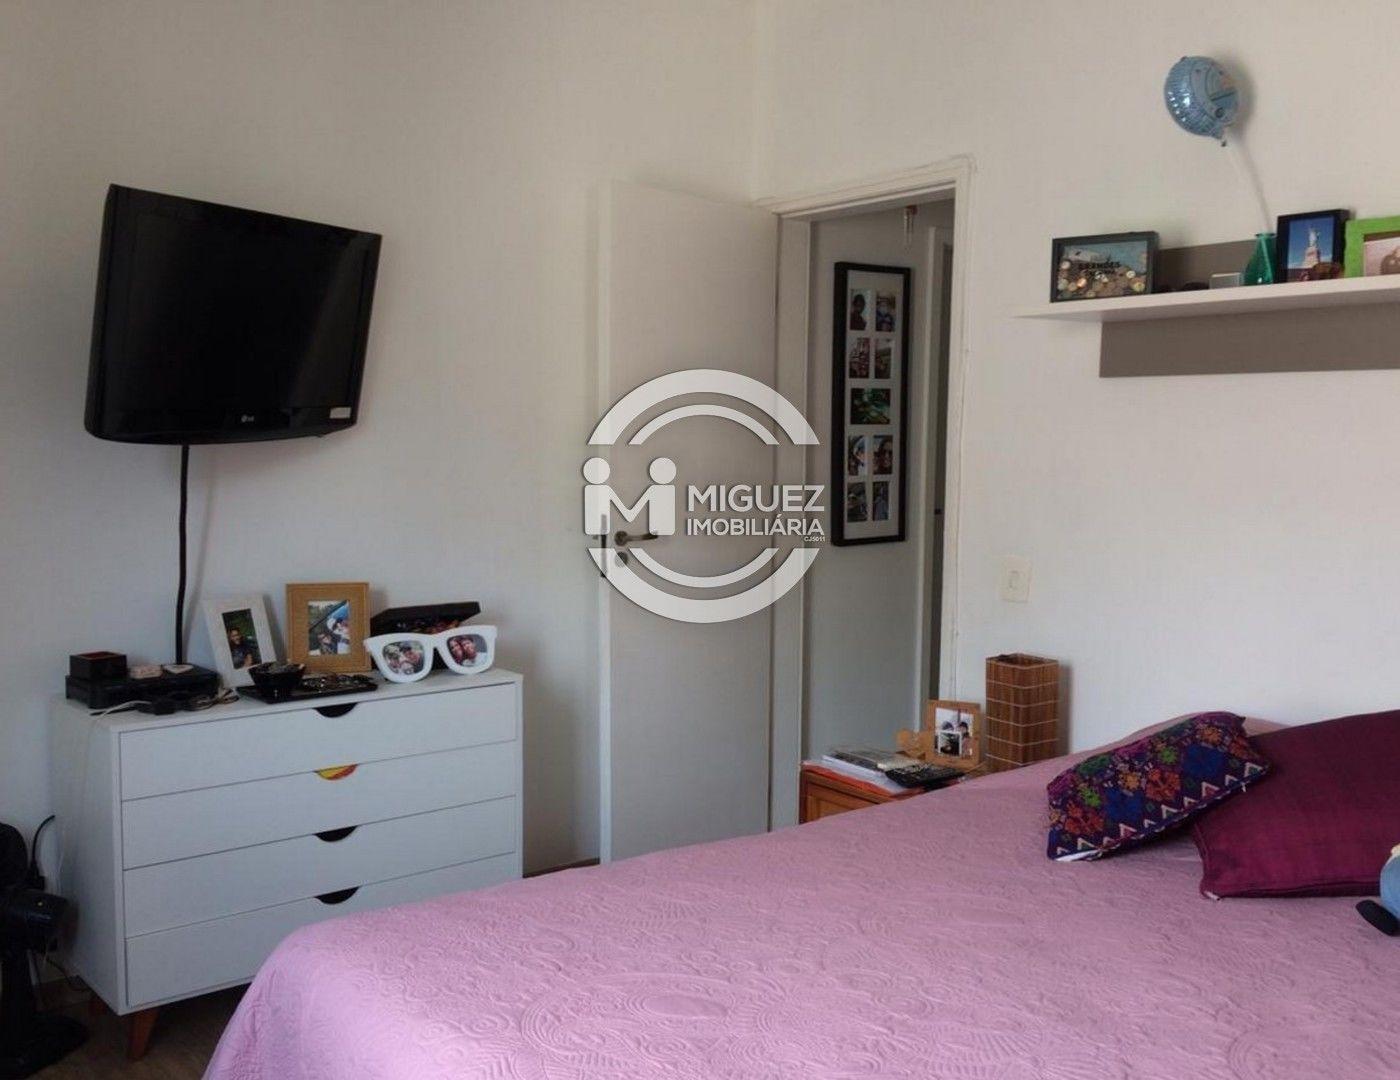 Apartamento, aluguel, Rua Campinas - Grajaú , Rio de janeiro